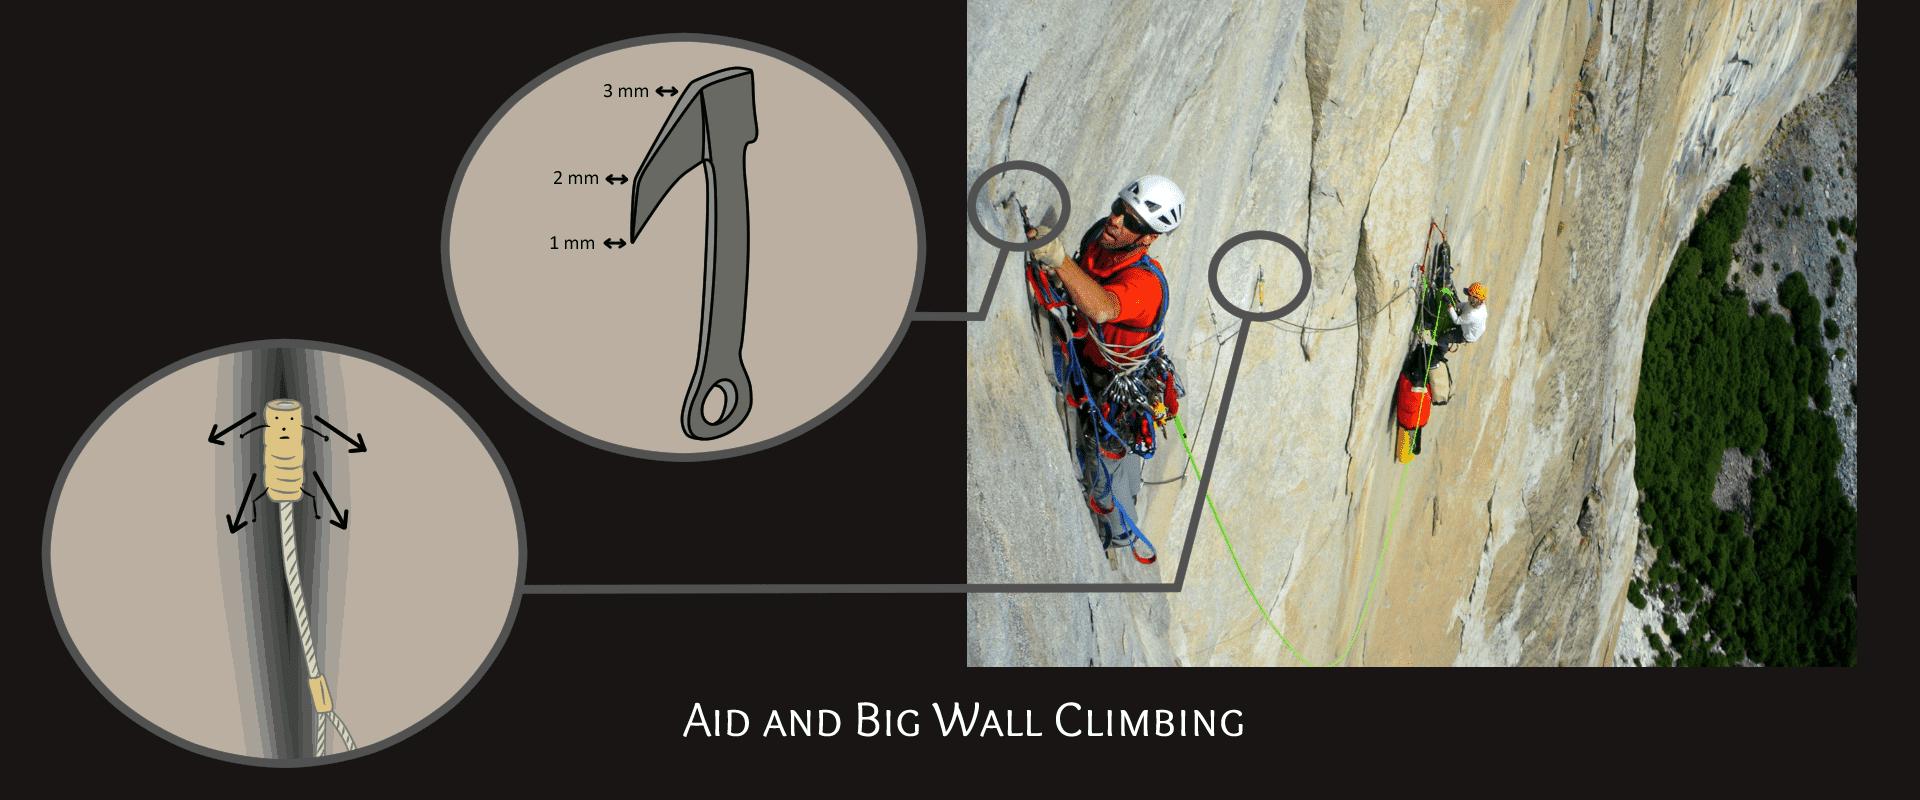 learn to aid climb